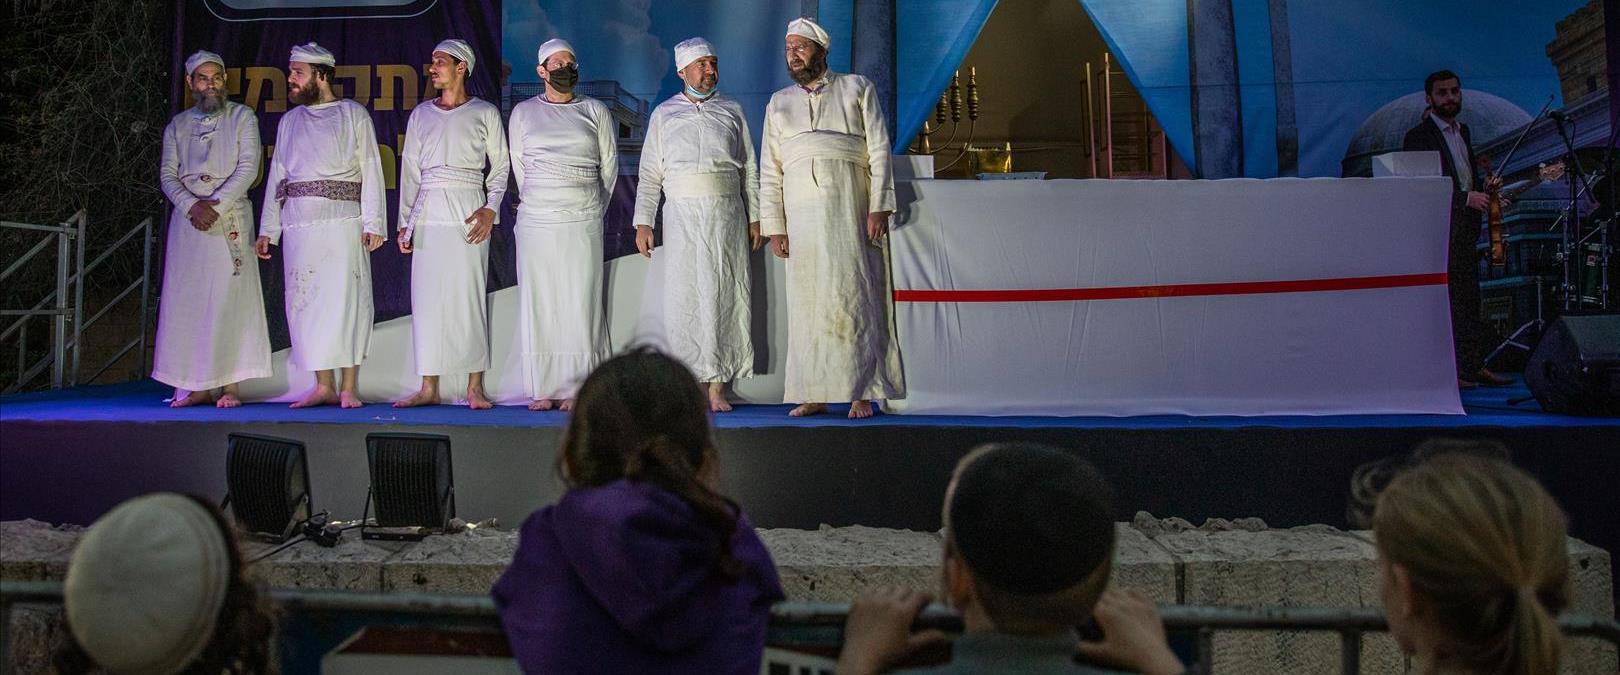 """אנשי תנועת המקדשים מבצעים """"הכנה"""" להקרבת קורבן בהר"""